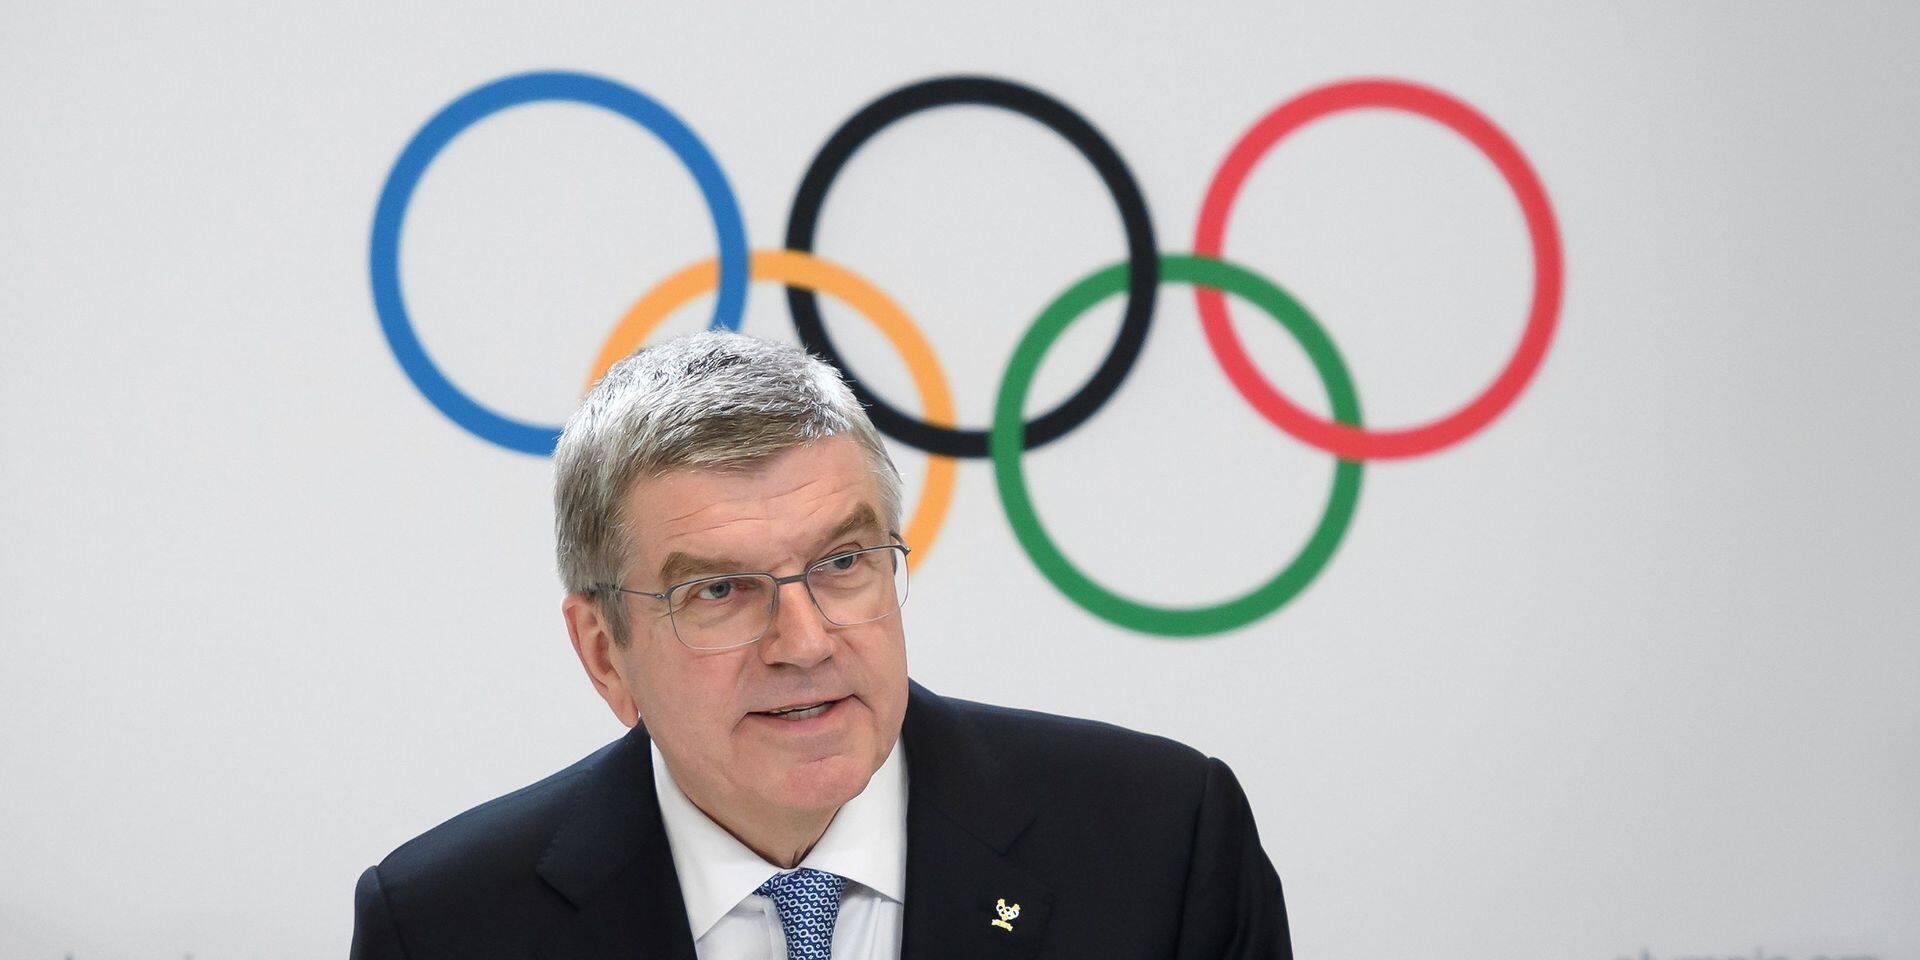 Thomas Bach en visite au Japon, pas d'annulation des Jeux de Tokyo envisagée